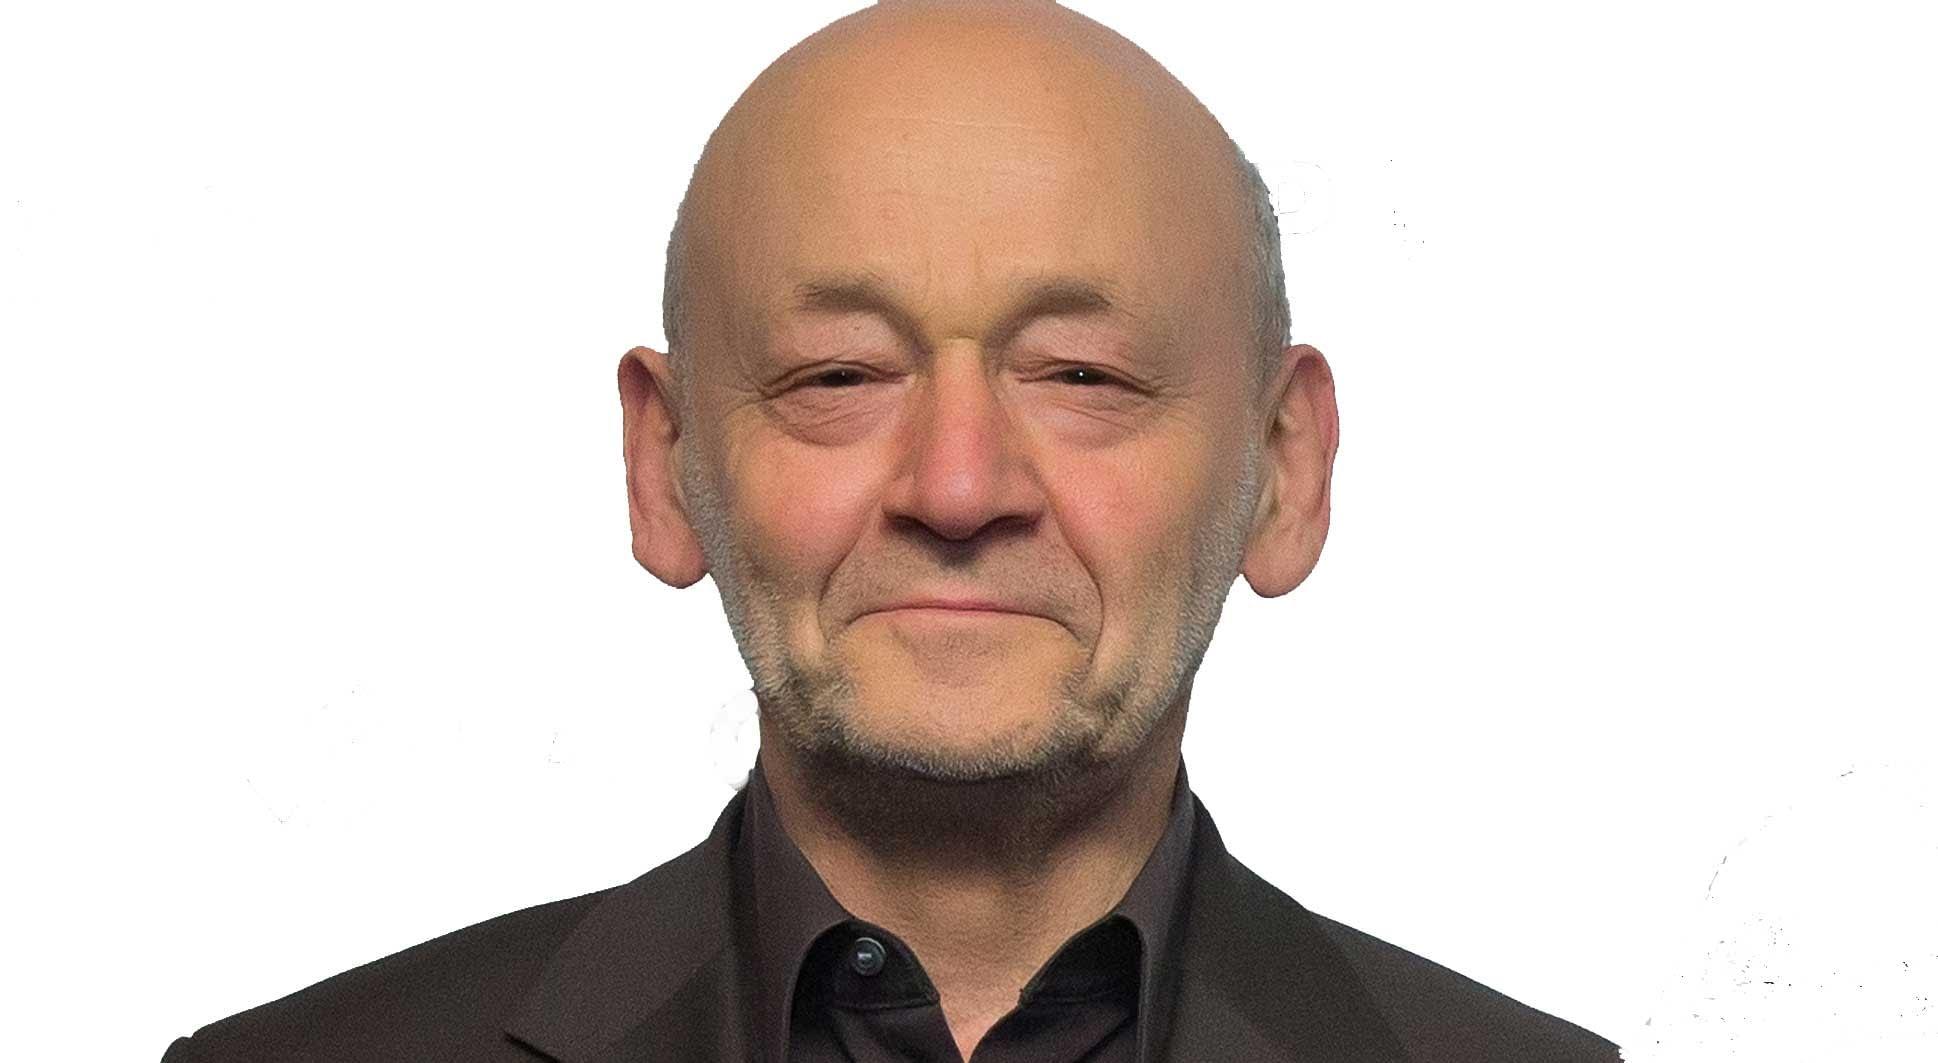 VGTU Architektūros inžinerijos katedros vedėjas, profesorius habil. dr. Josifas Parasonis.